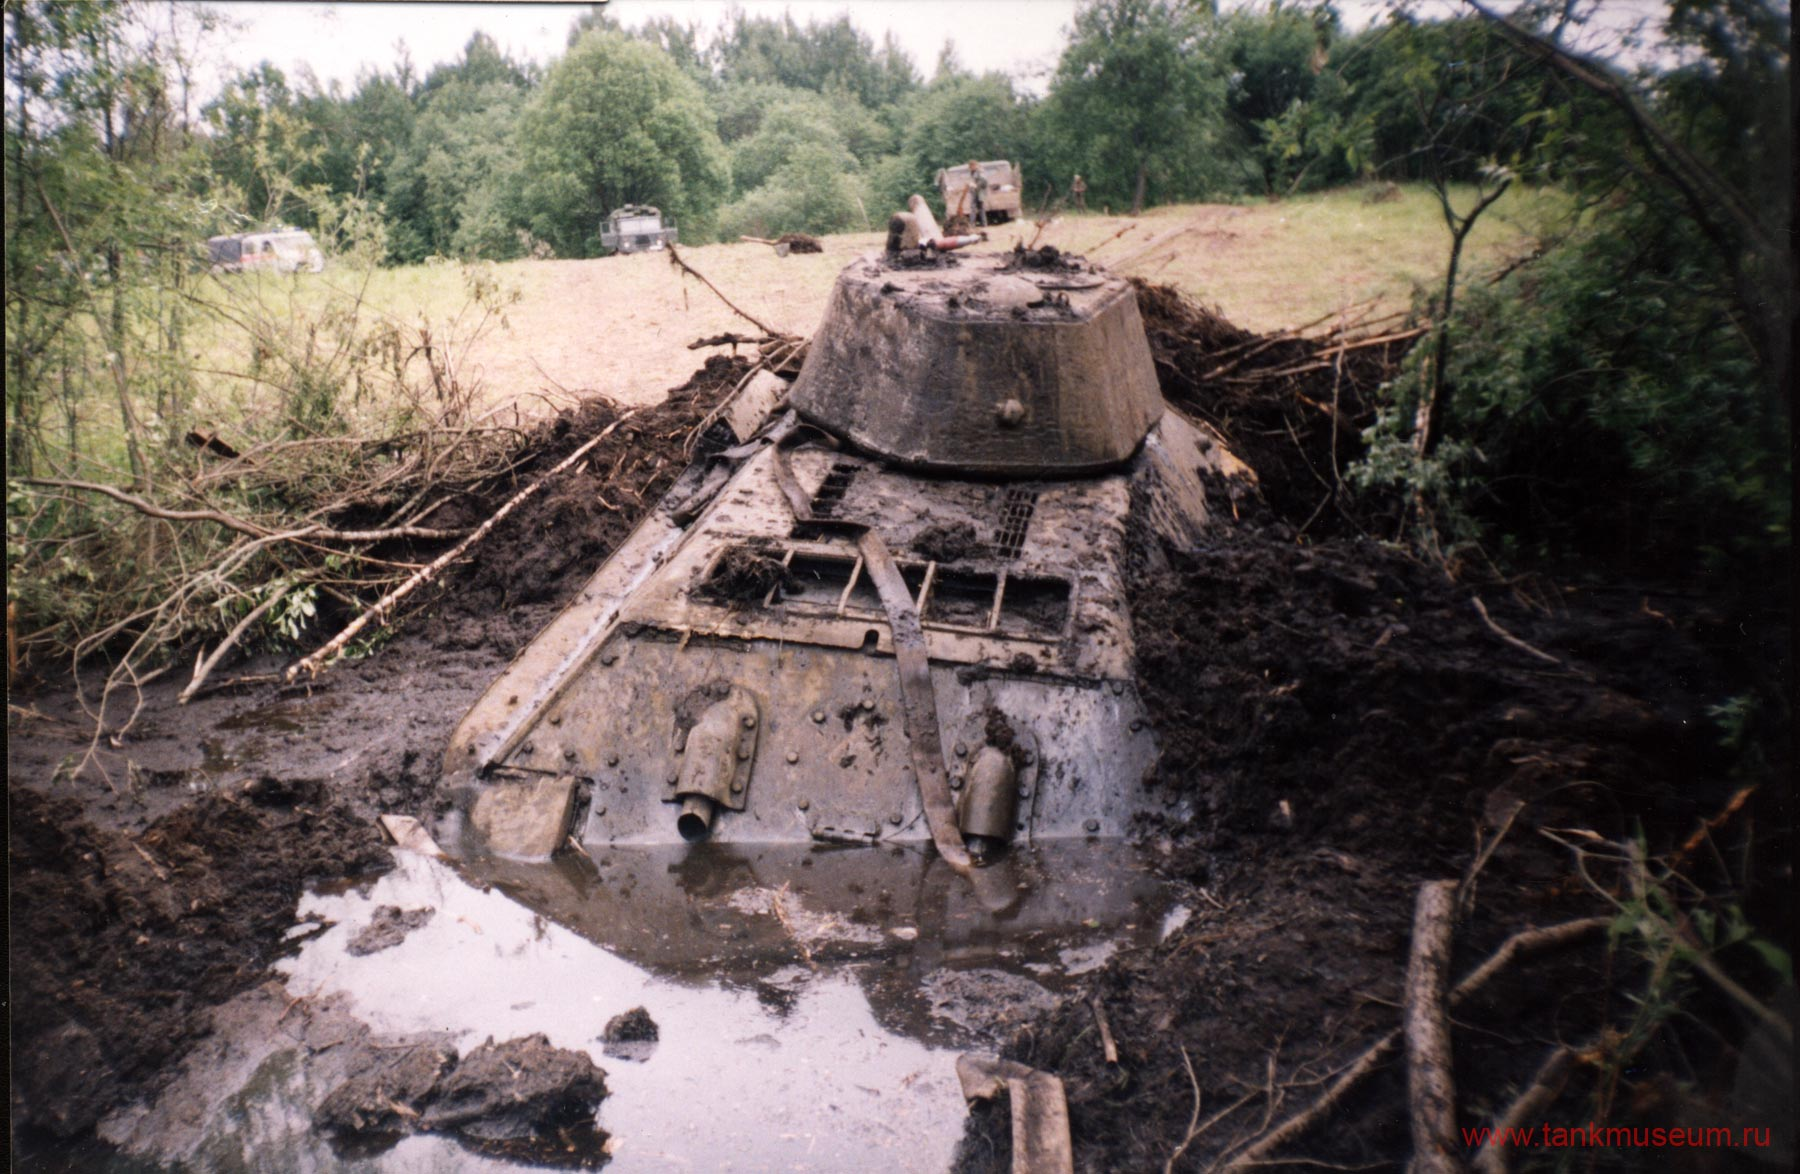 поиск и реставрация военной техники